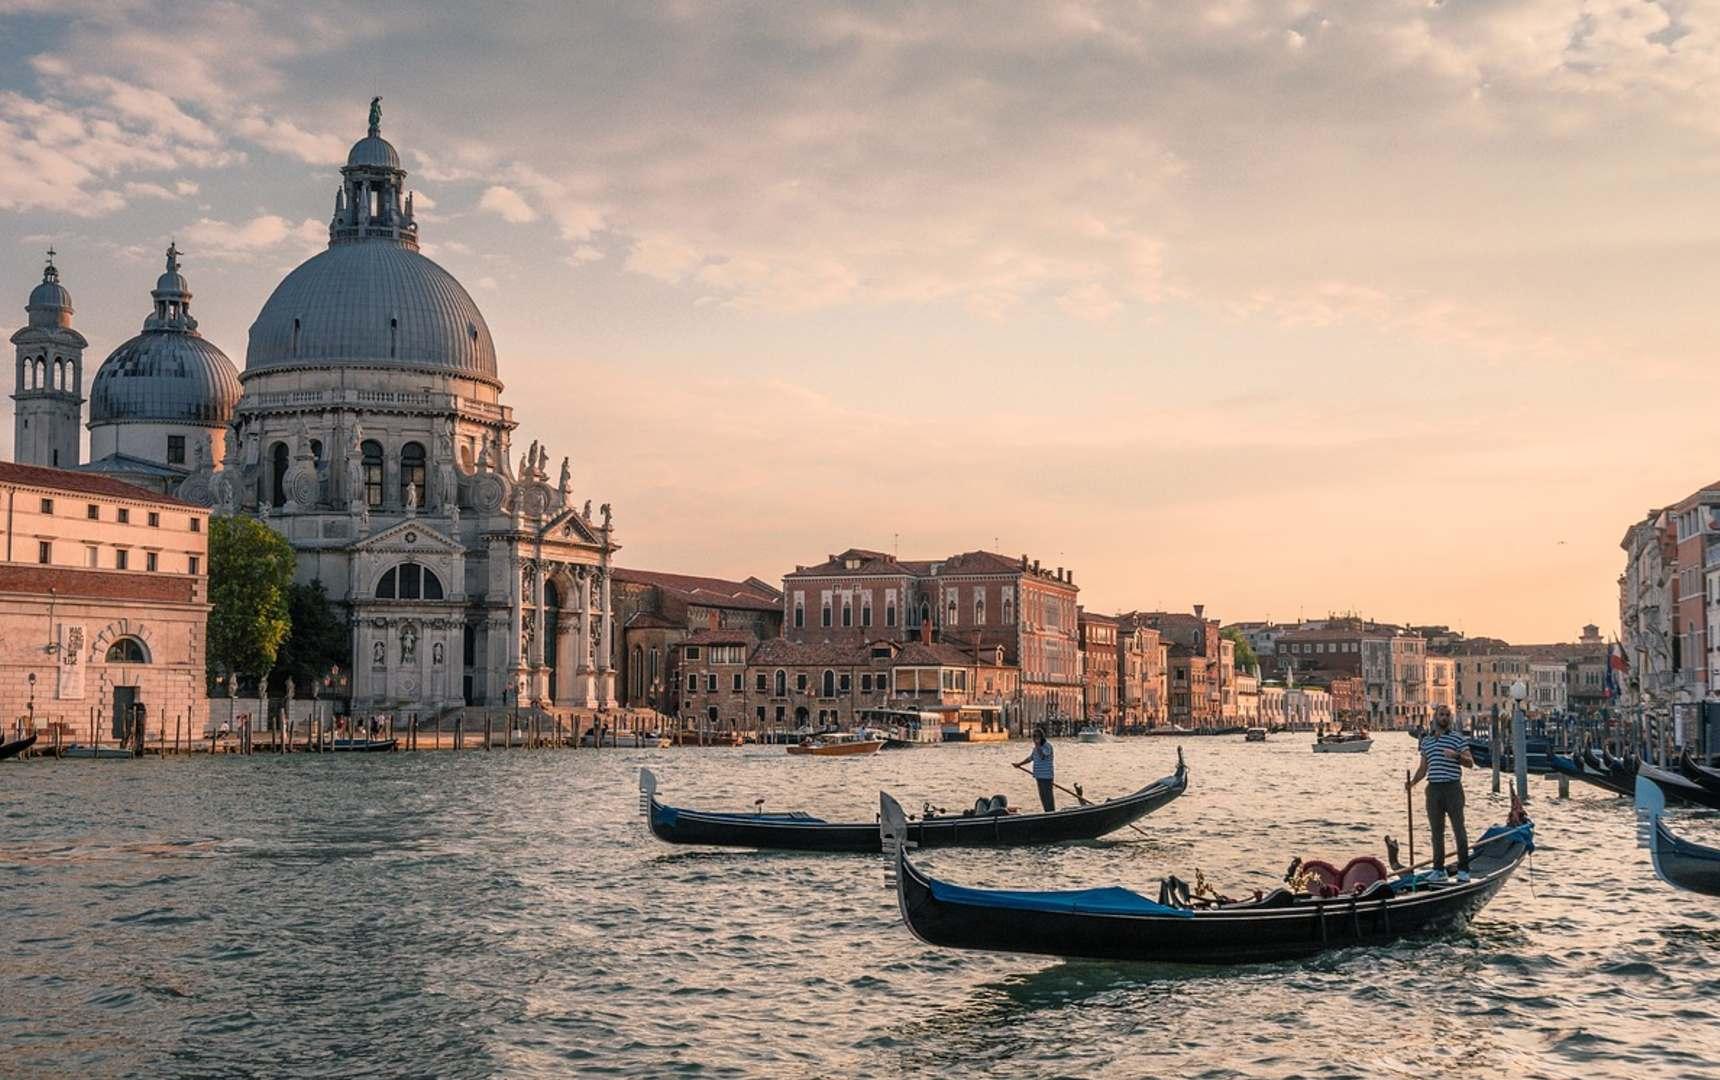 Włochy otwierają granice. Podpisano dokument